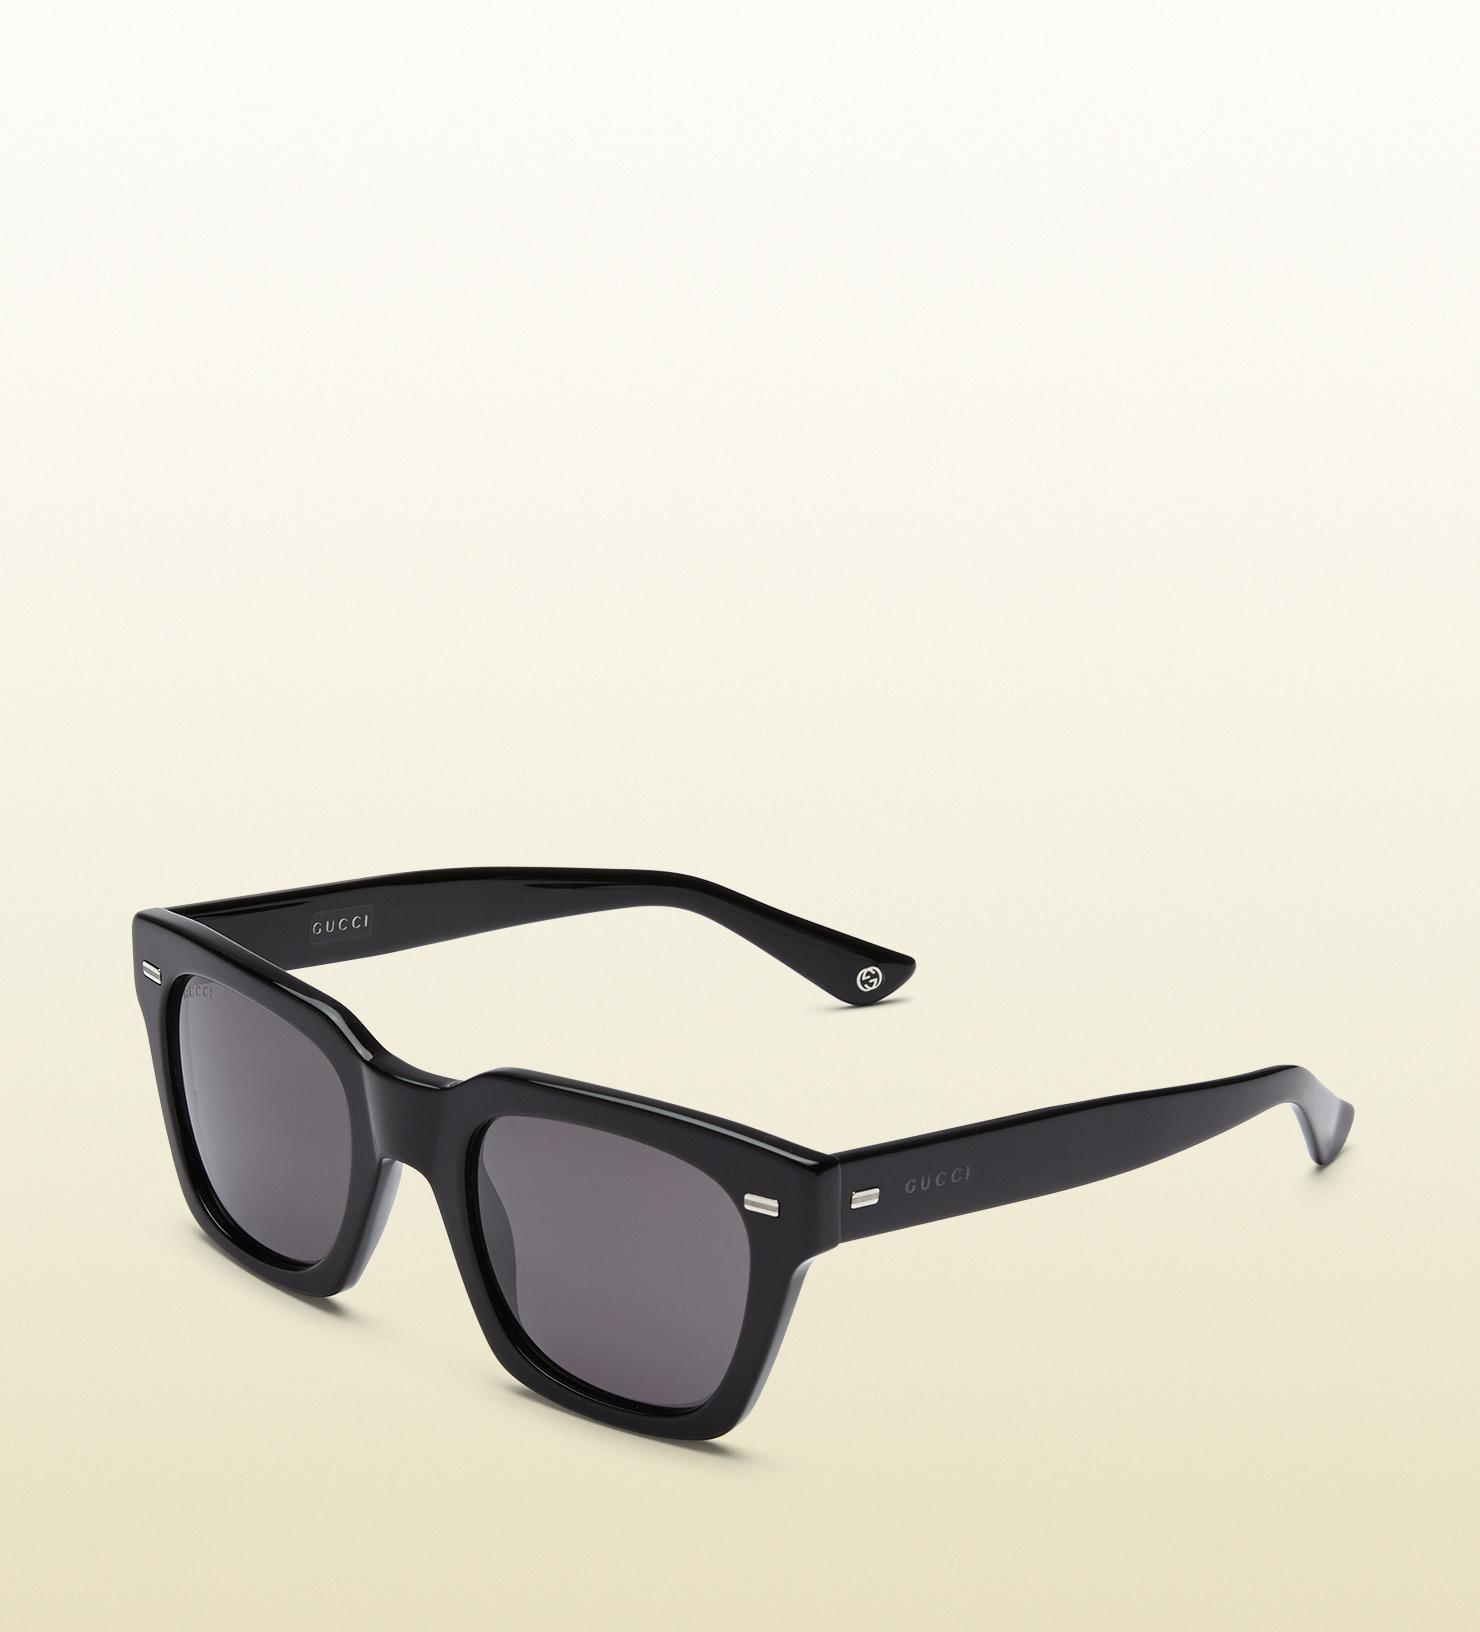 Sunglasses in Black Acetate Gucci wWGObKQBf